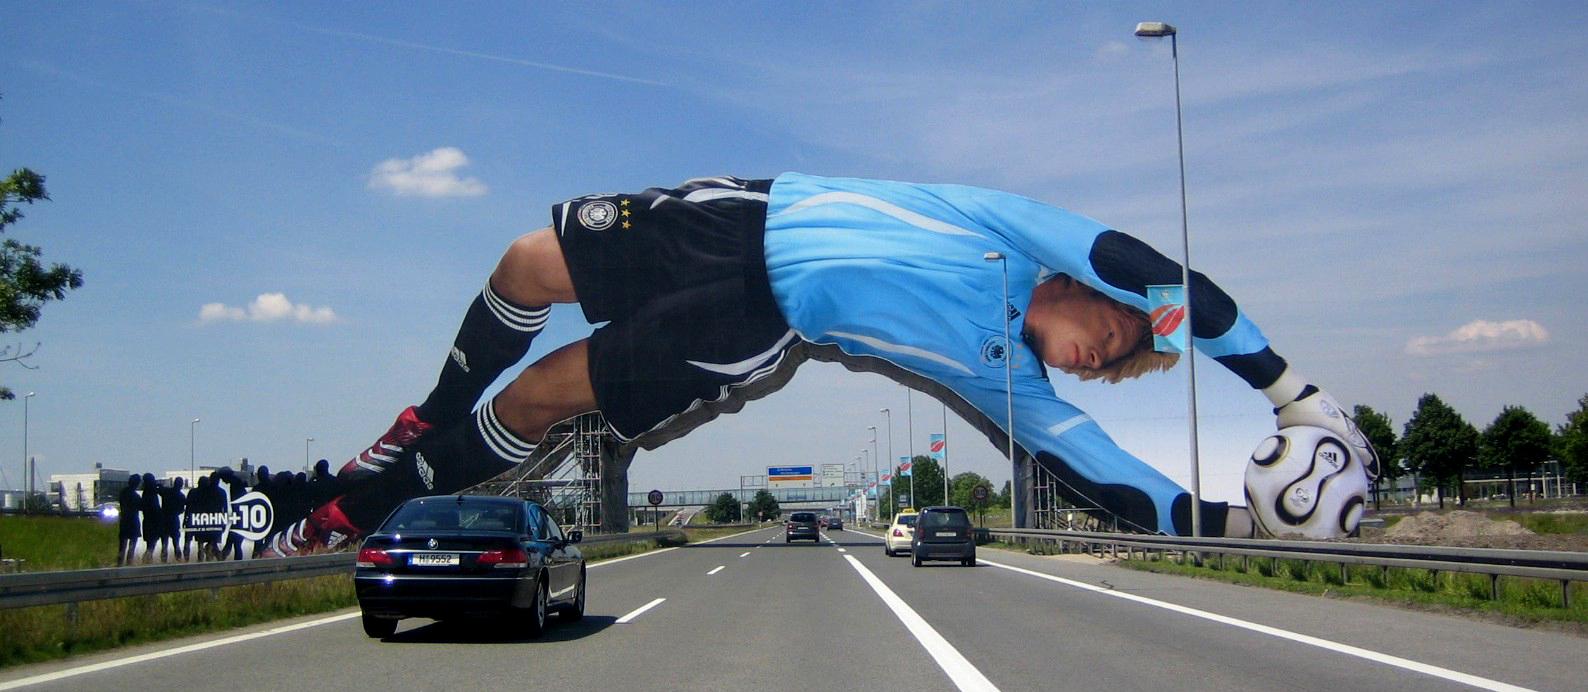 El portero alemán recibía a los visitantes al Mundial de fútbol de 2006 en el aeropuerto de Munich